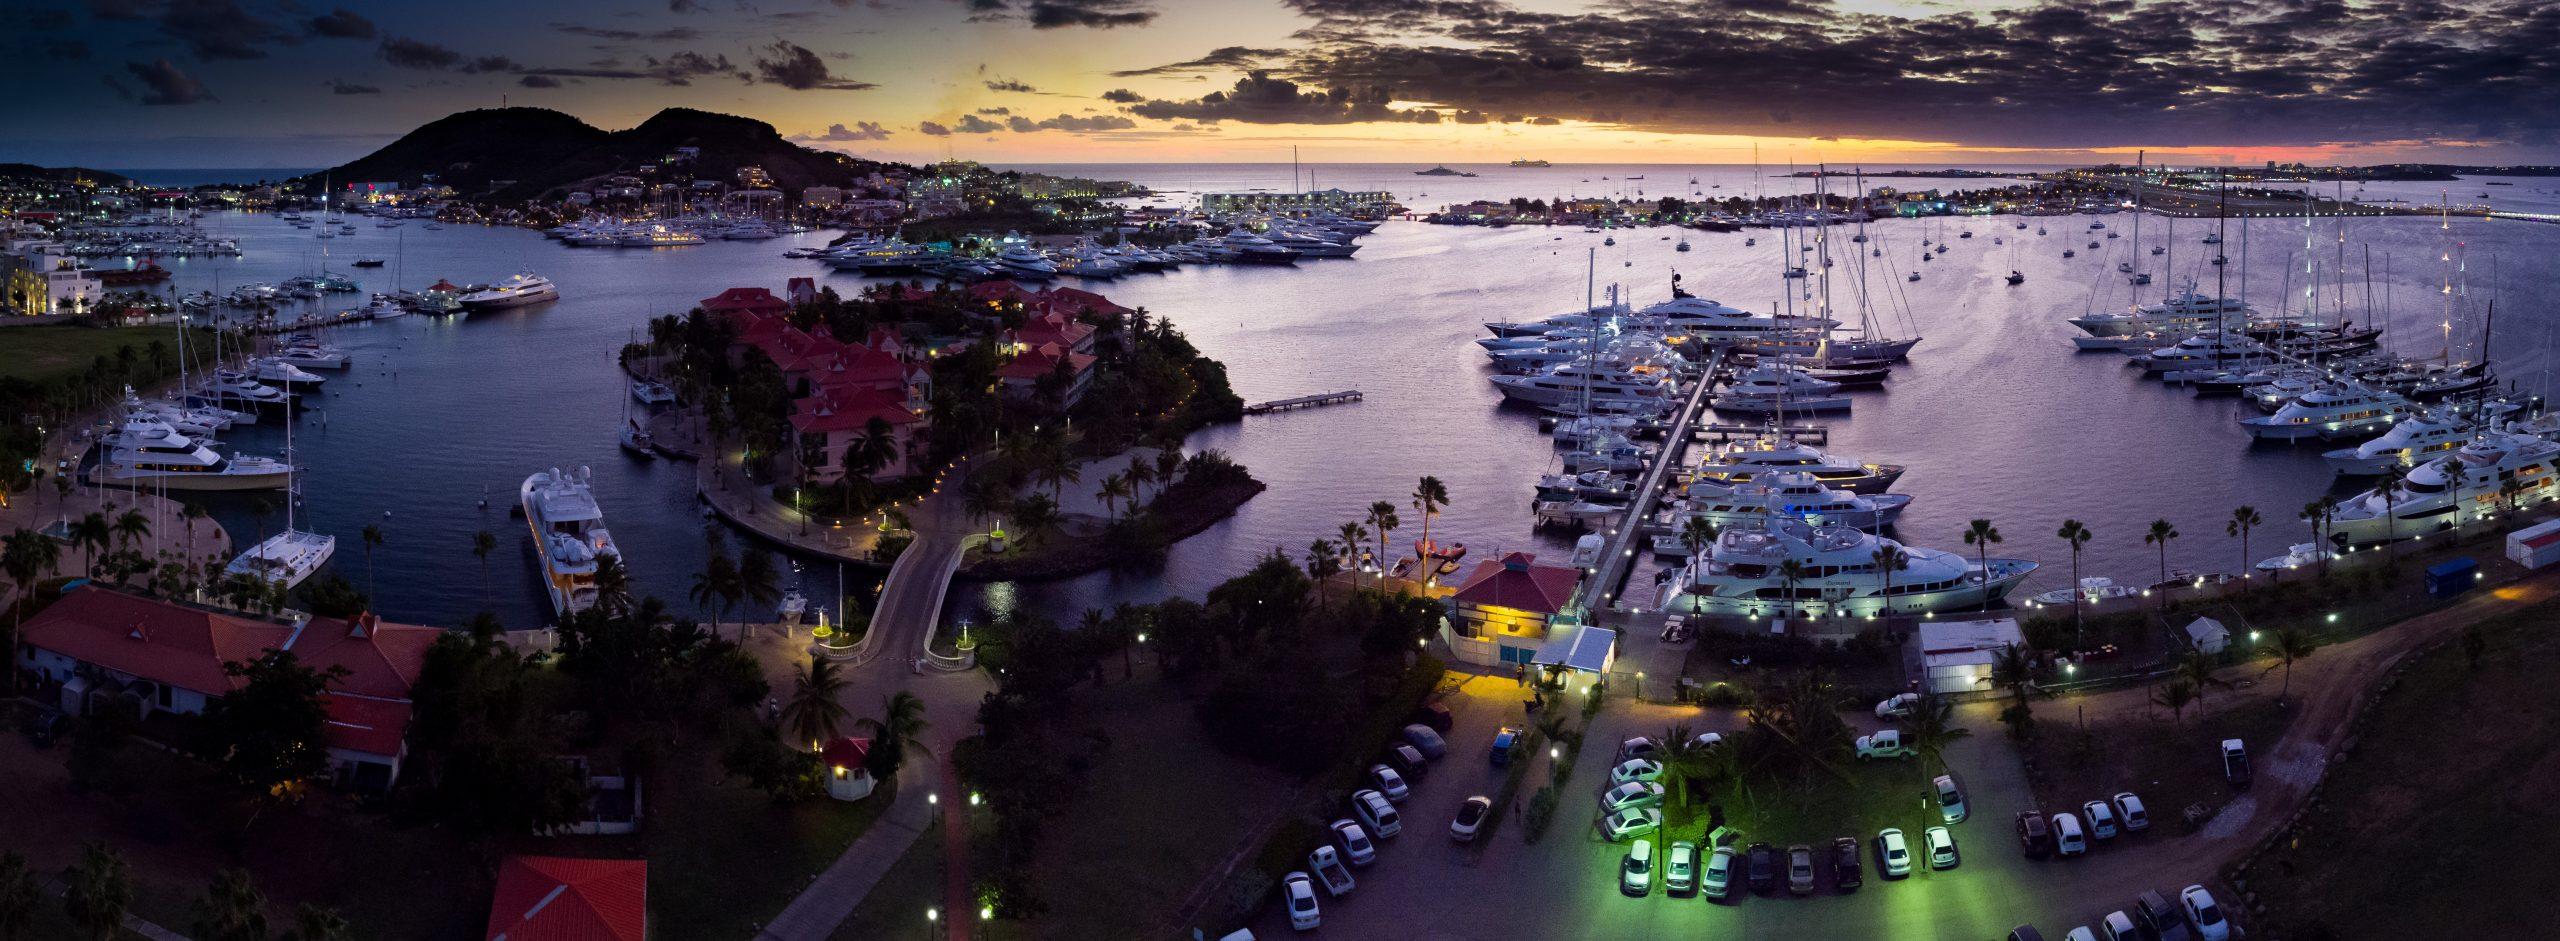 Sint Maarten Rendezvous at Yacht Club Port de Plaisance